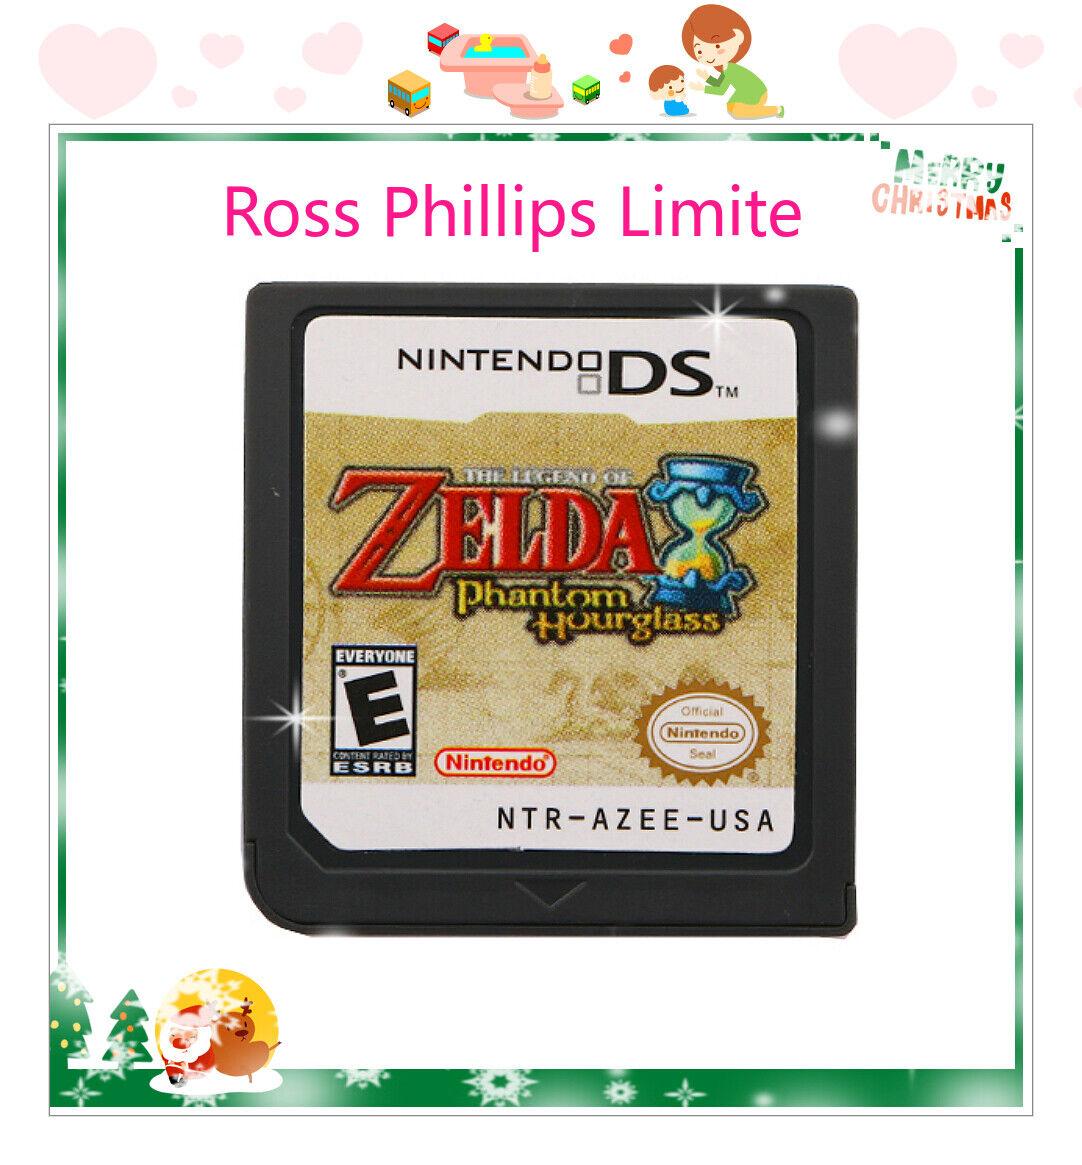 The Legend of Zelda: Phantom Hourglass  For 3DS Christmas Gi